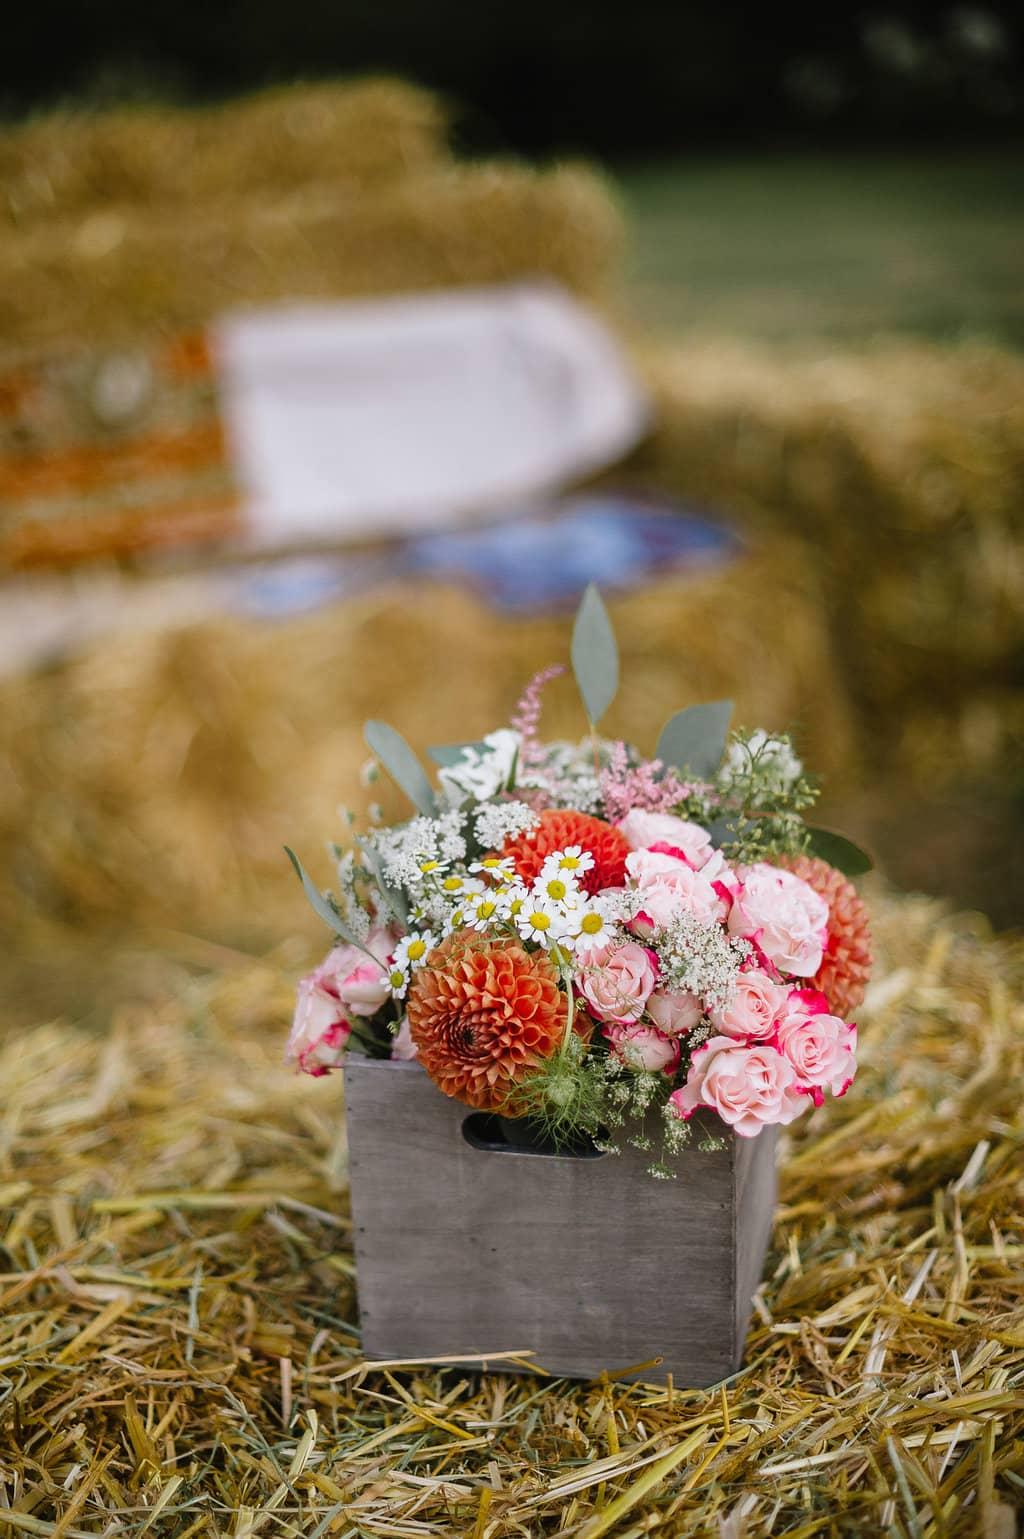 caisse-fleurie-champetre-ceremonie-mariage